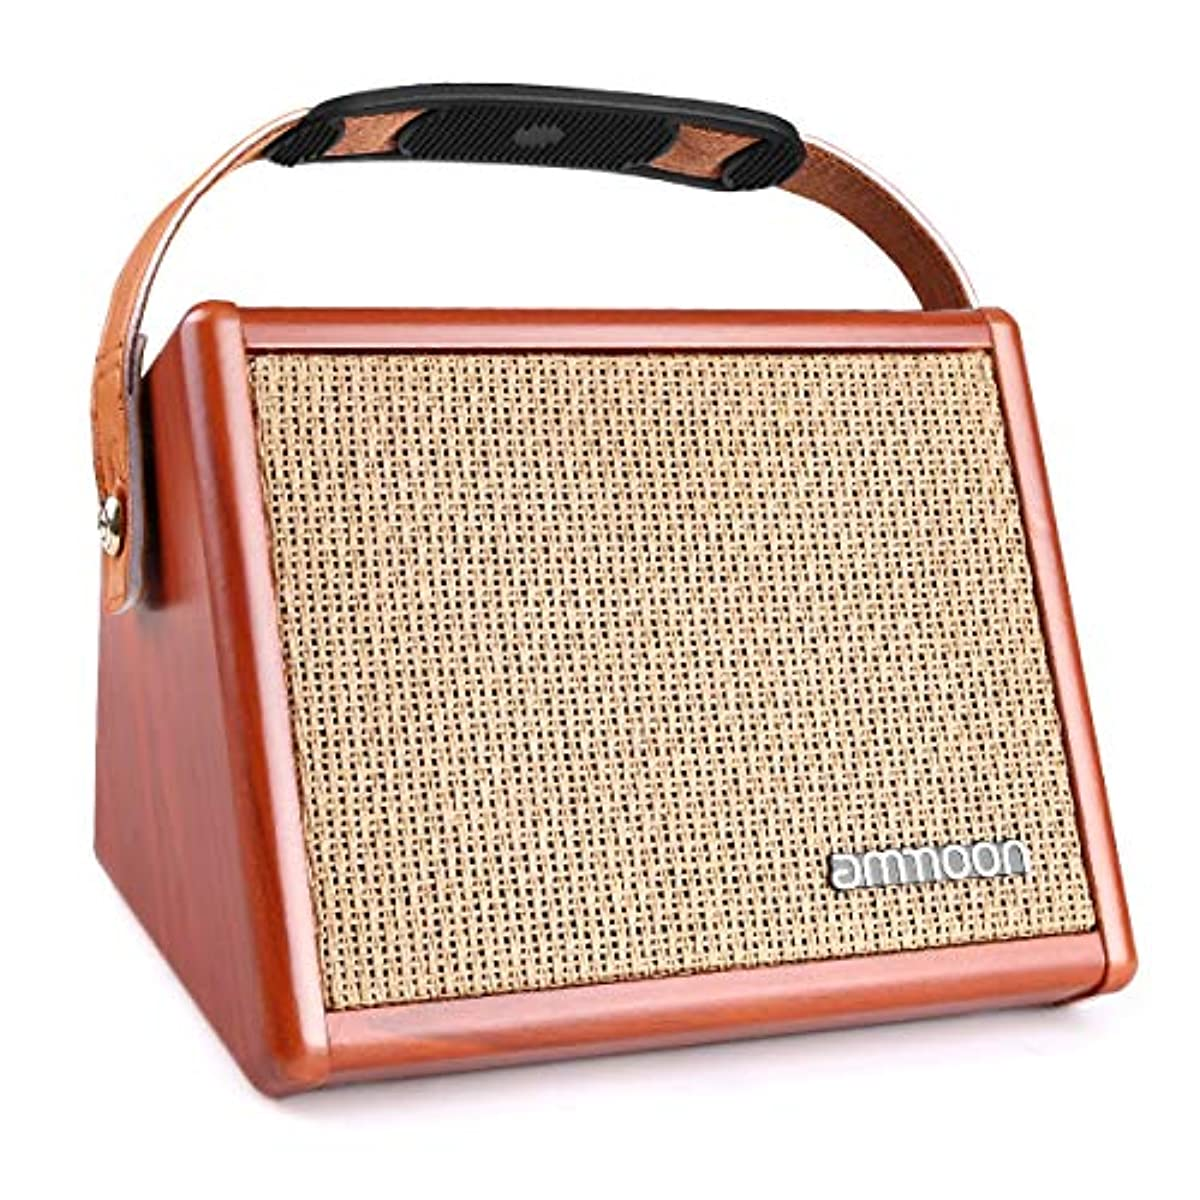 [해외] AMMOON 기타 앰프 어쿠스틱(통기타) 기타 앰프 콤팩트 BT내장 독립 채널 사양 퍼스트 앰프에 최적 헤드폰 사용가 기타 스피커 마이크 충전식 15W